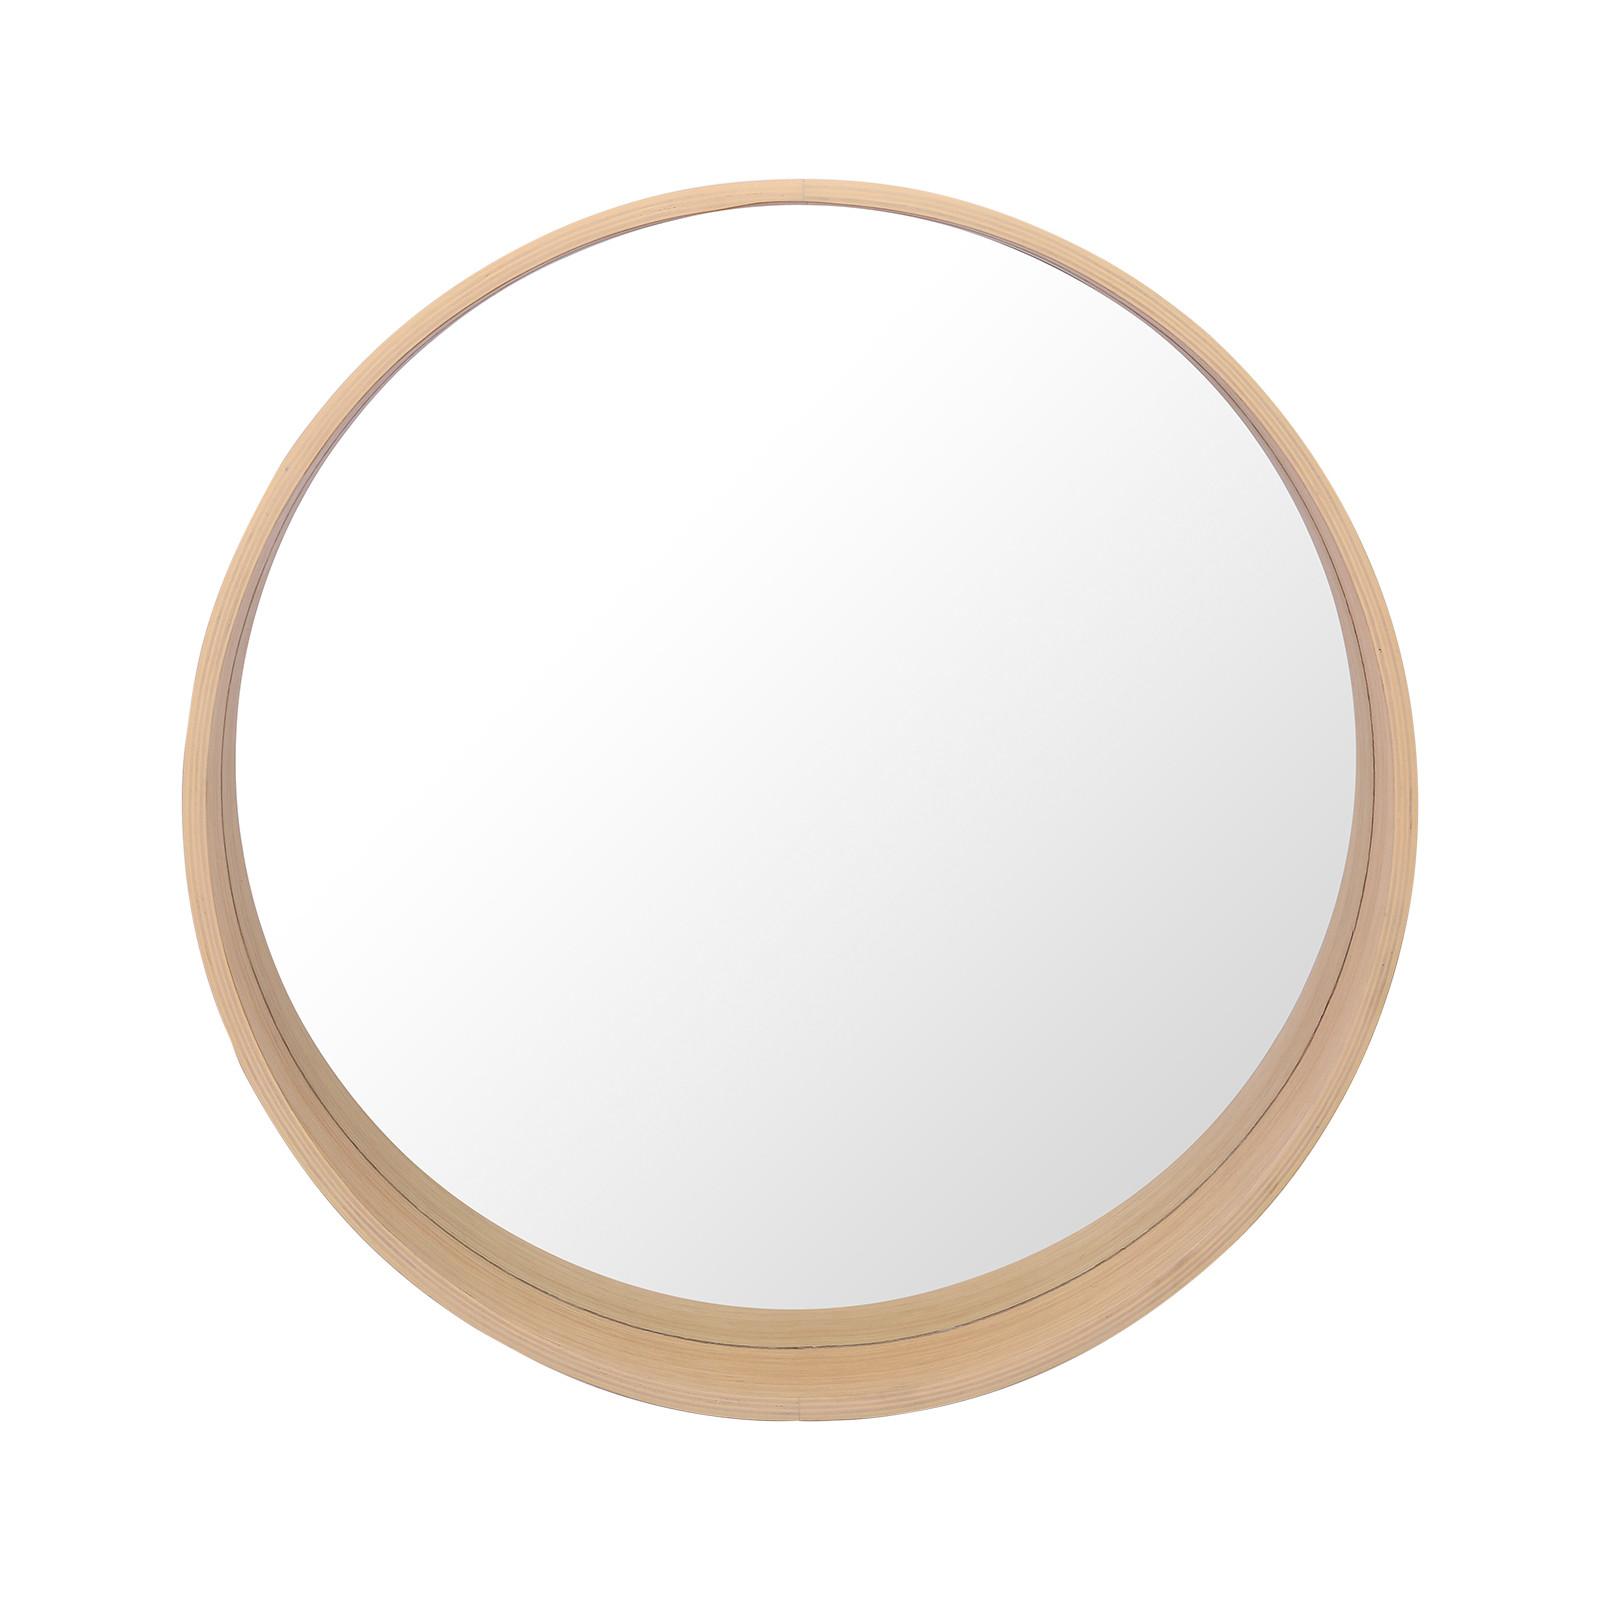 Meuble de Salle De Bain Chêne 70 cm ATOLL + Miroir Rond 60 cm + Vasque ronde 37 cm